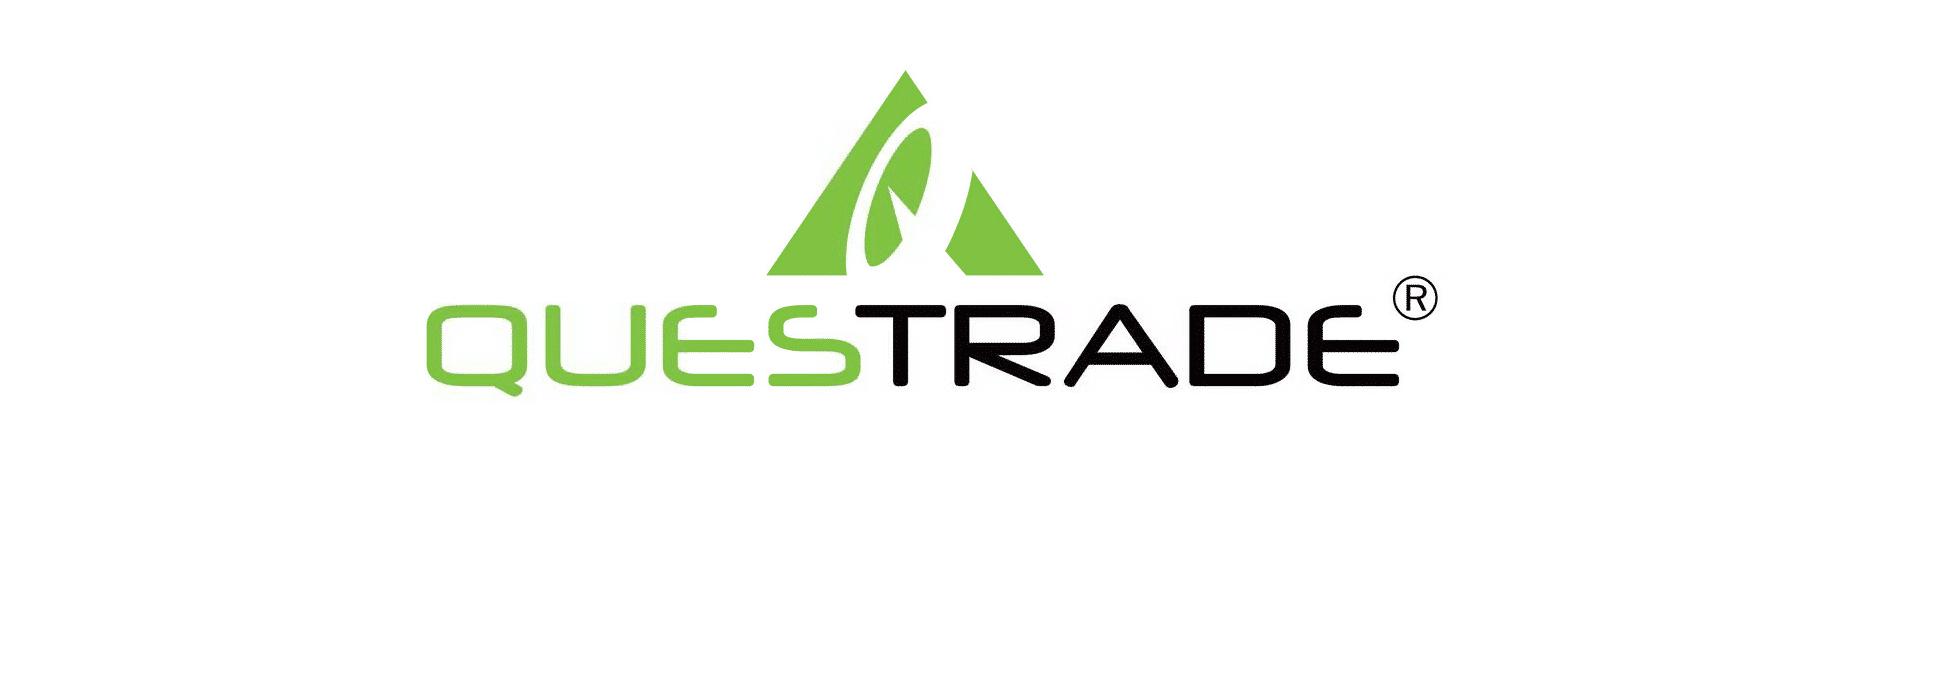 Questrade Review Logo